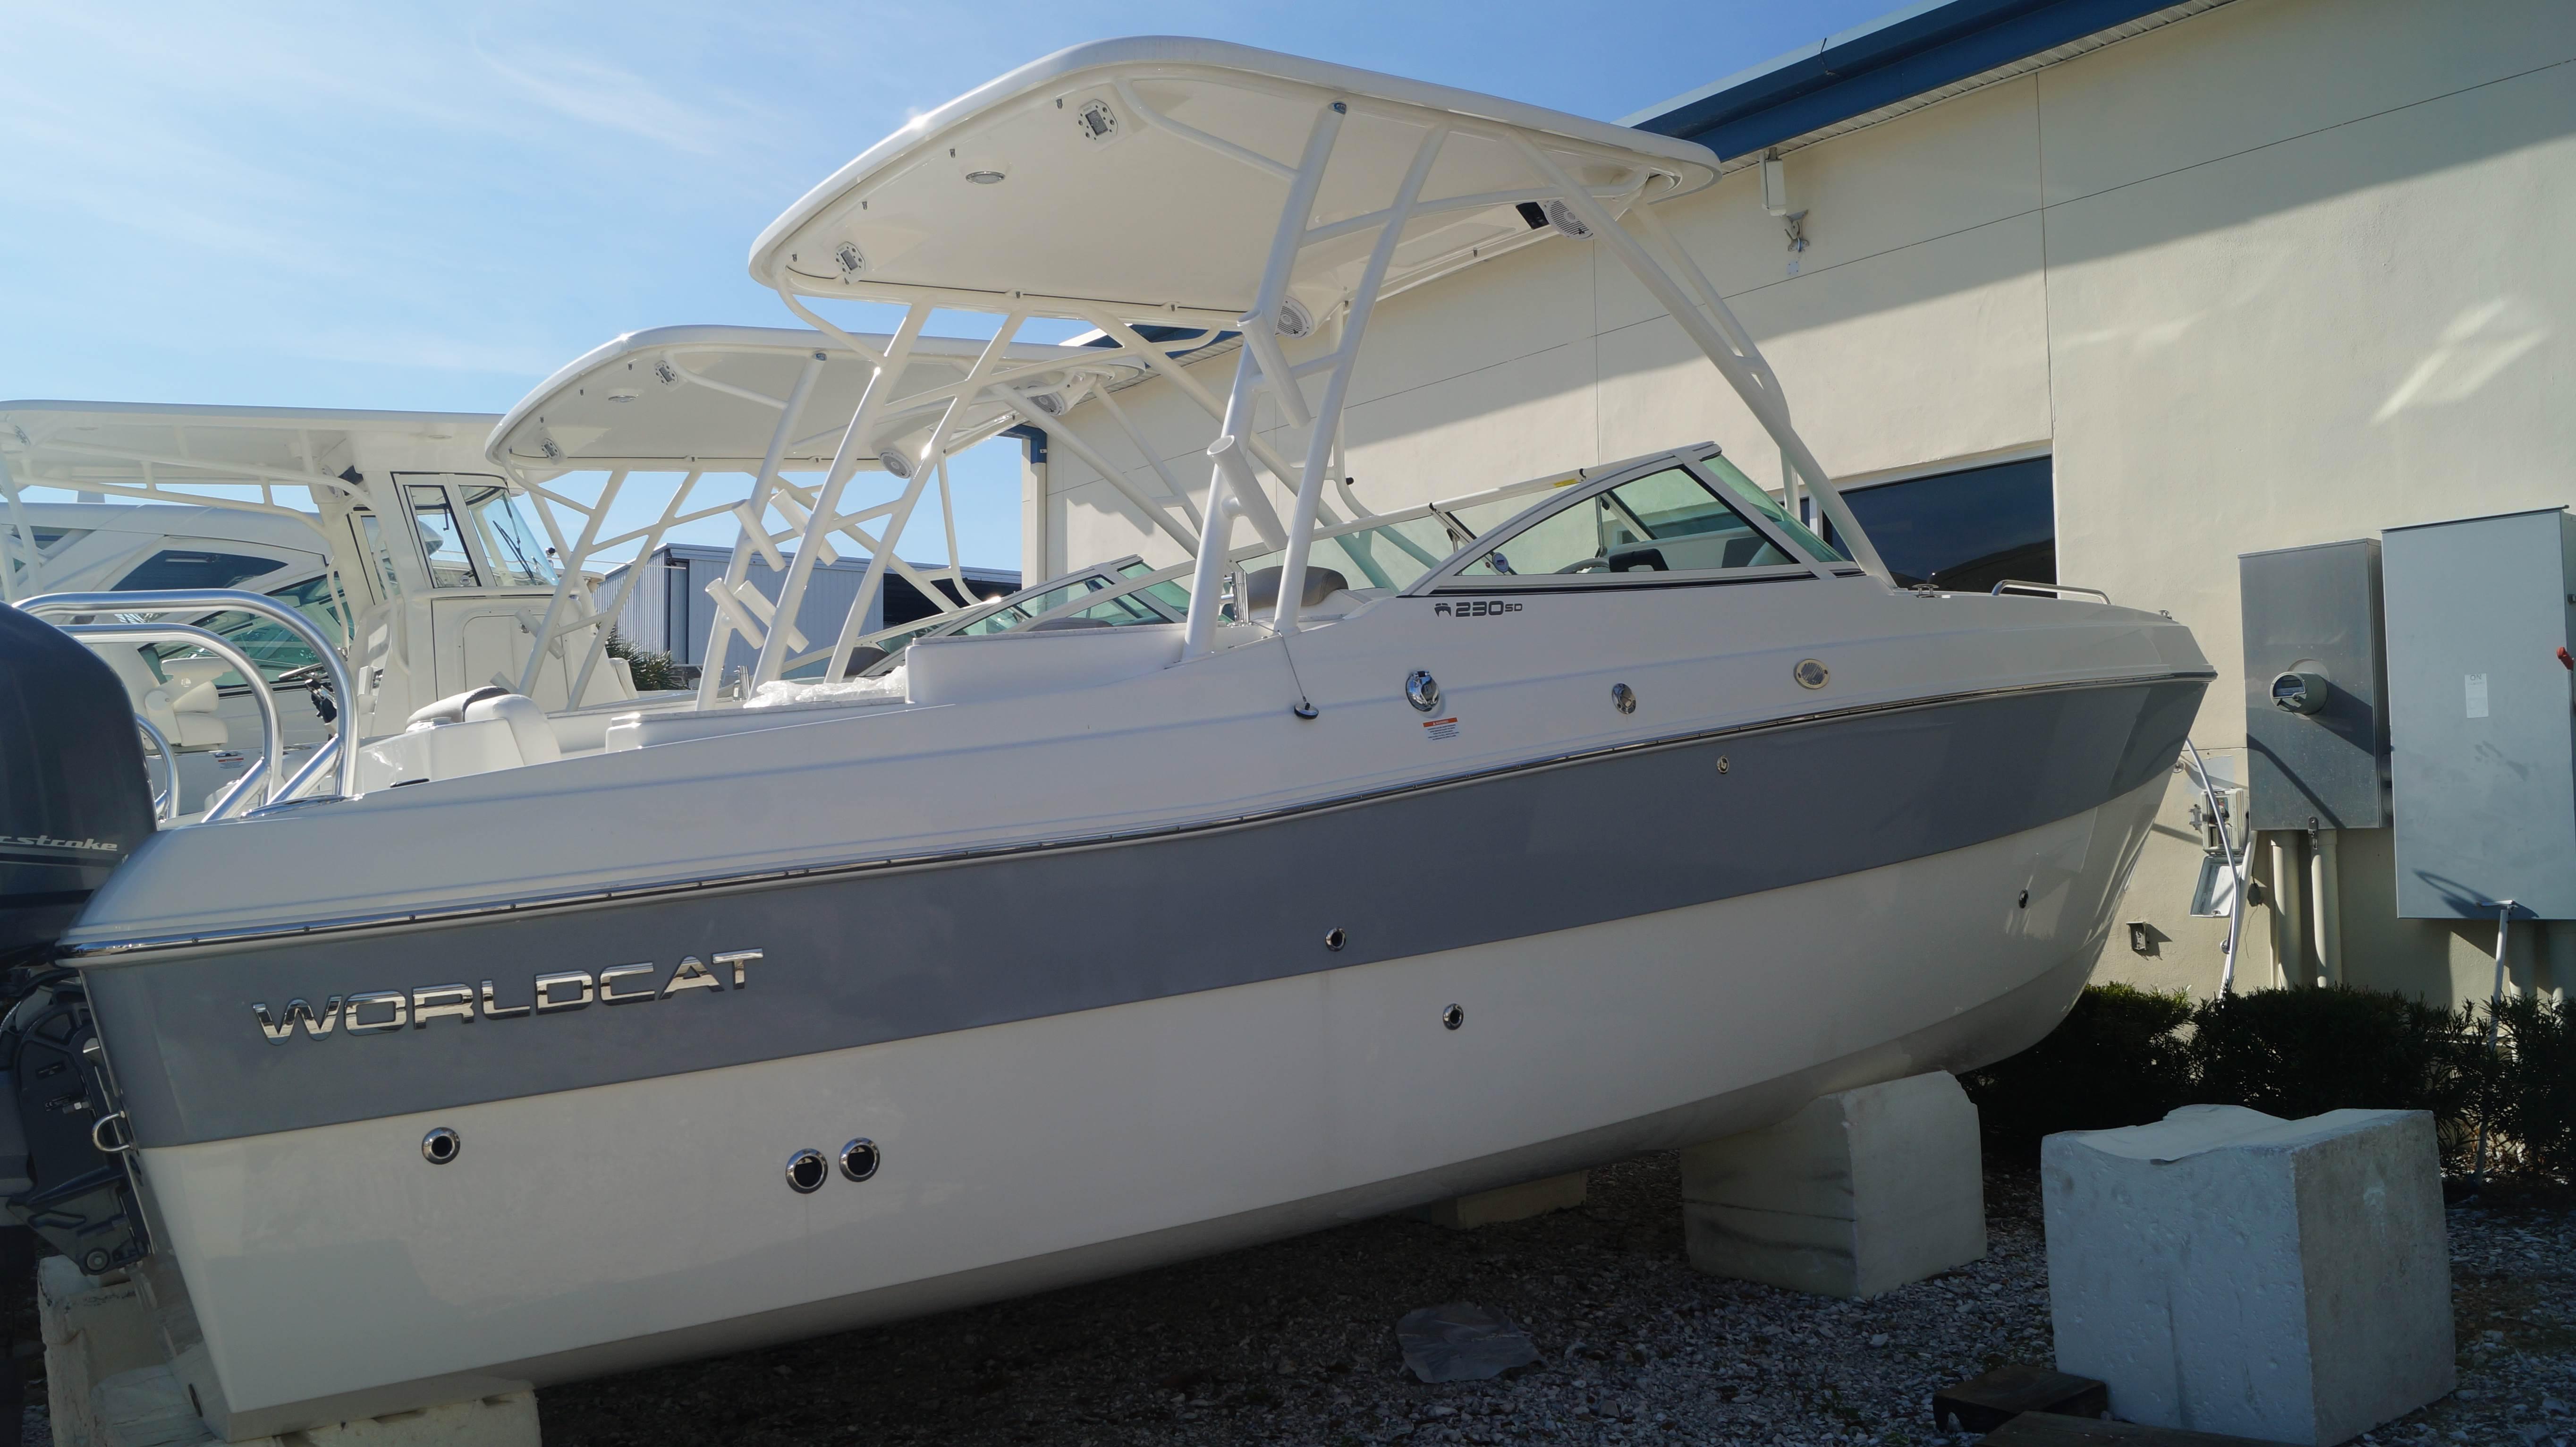 NEW 2019 World Cat 230SD Sun Deck - Sara Bay Marina